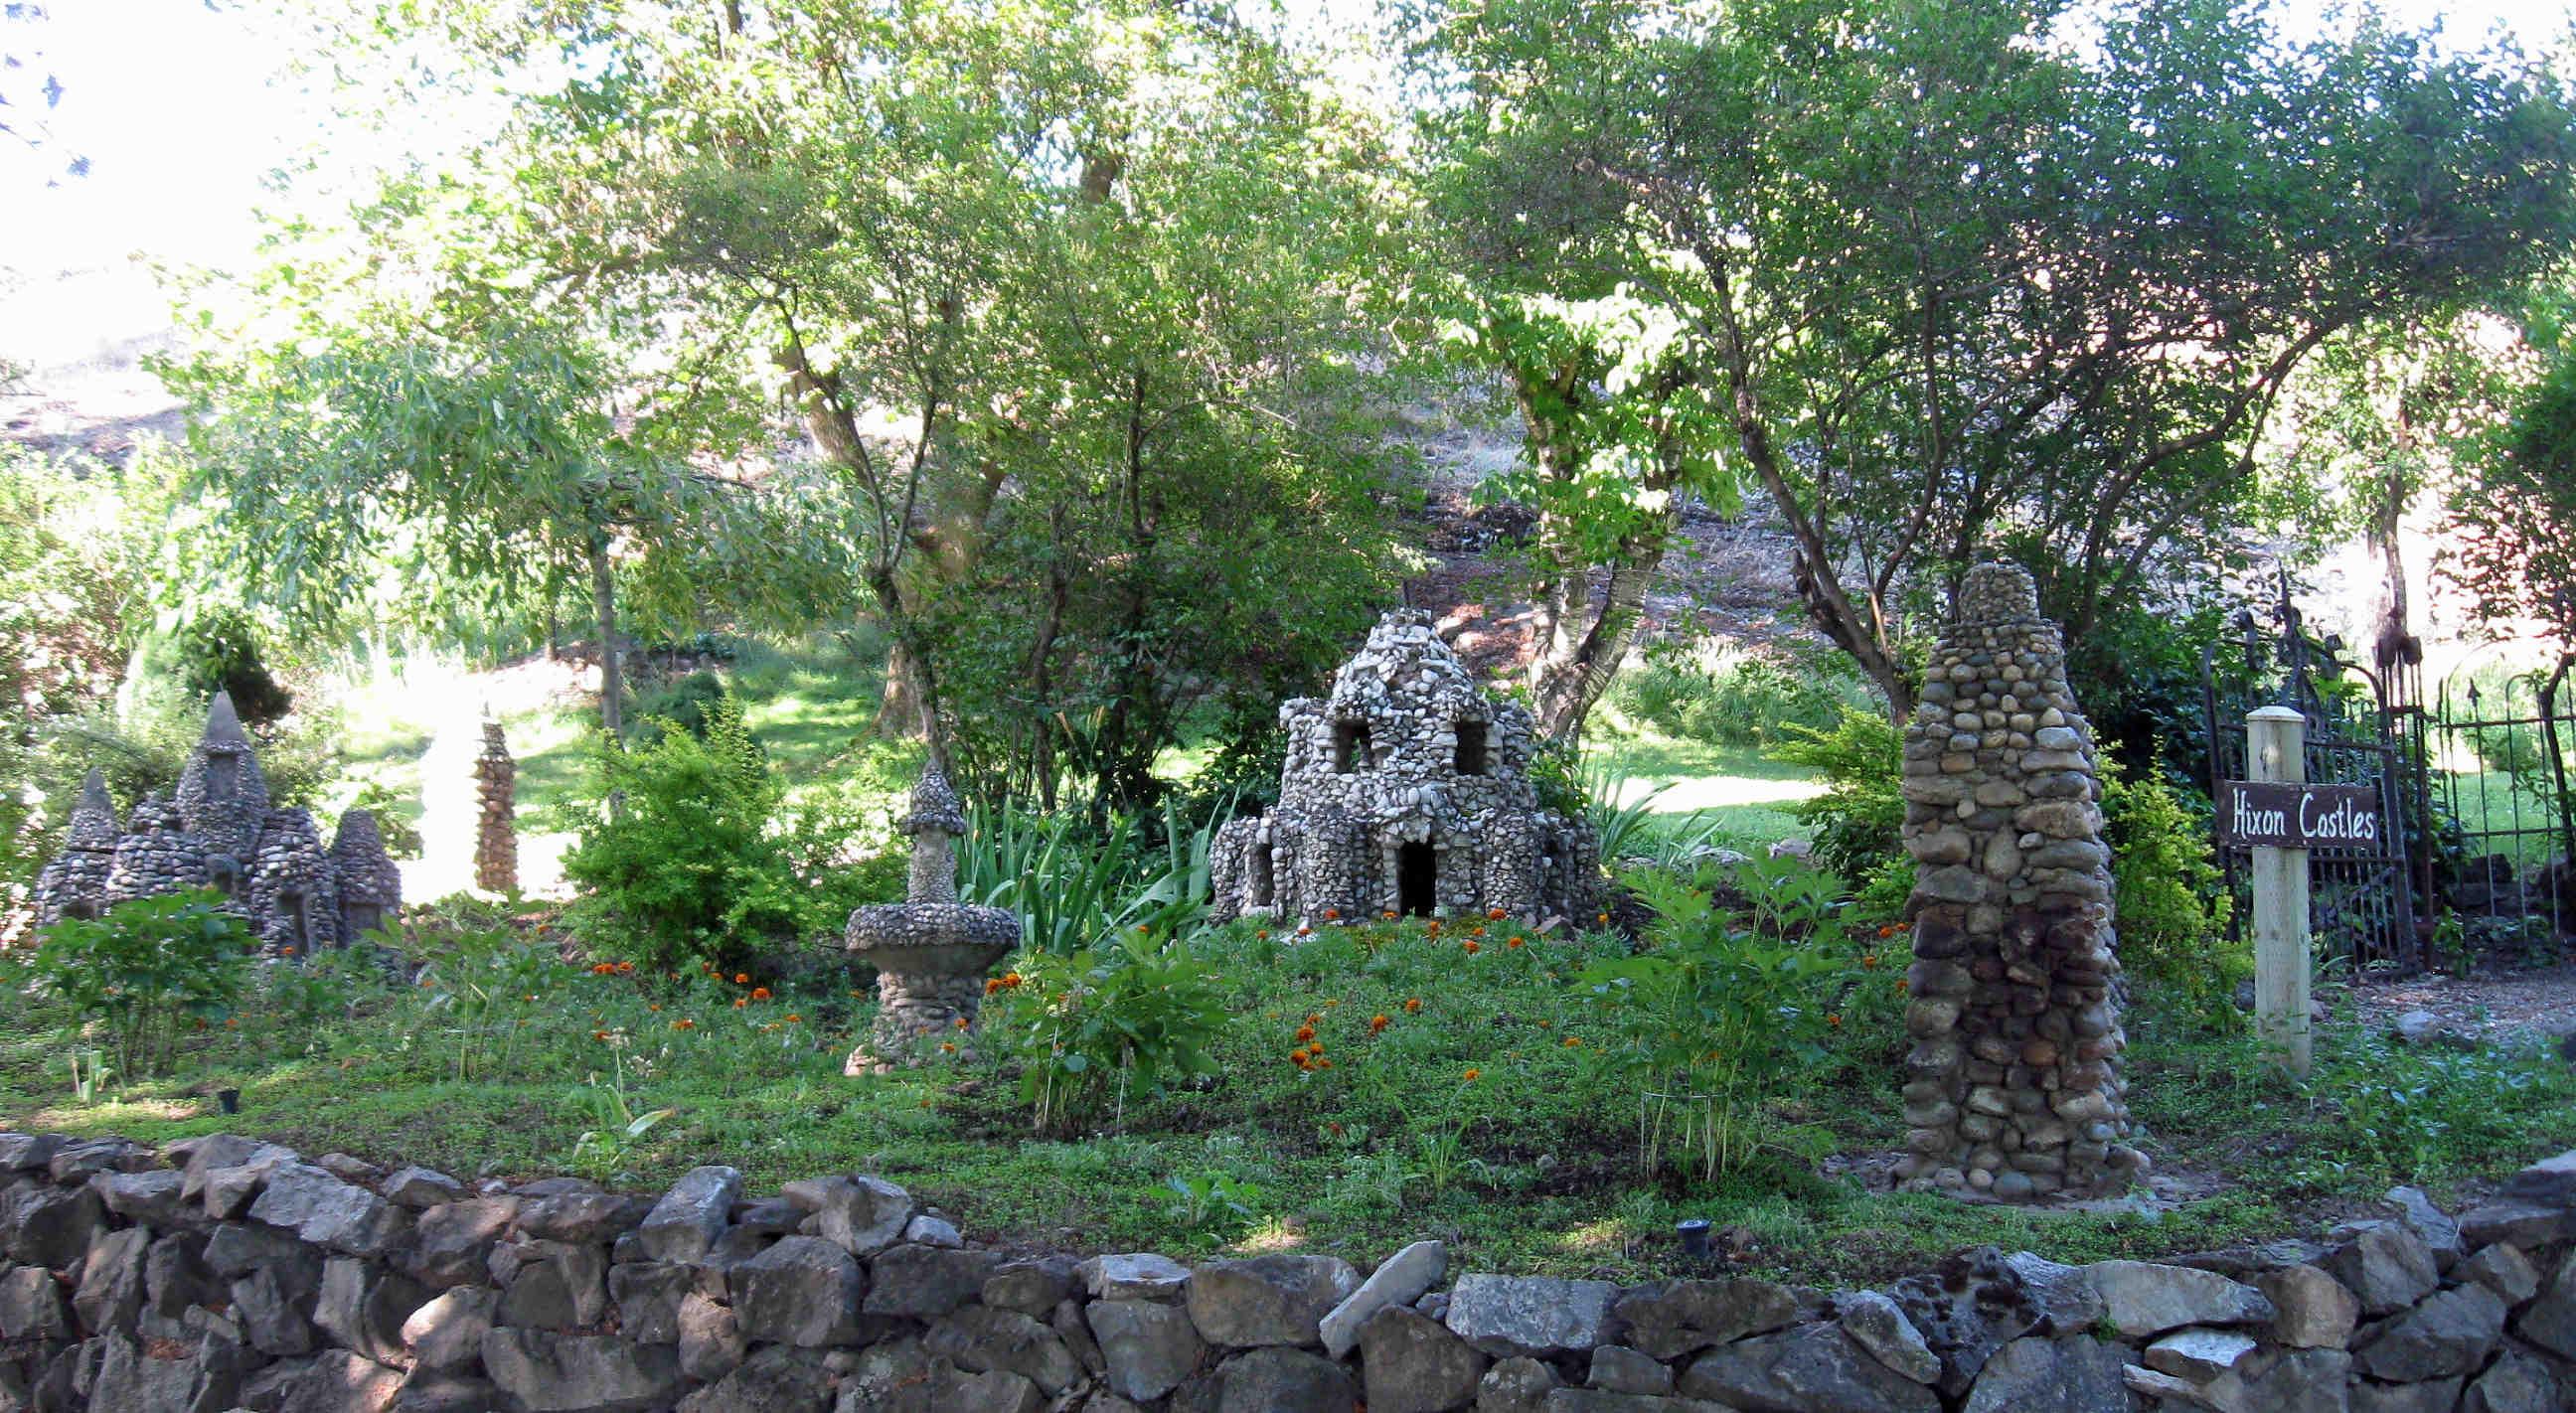 Hixson castles and garden near the Keller House